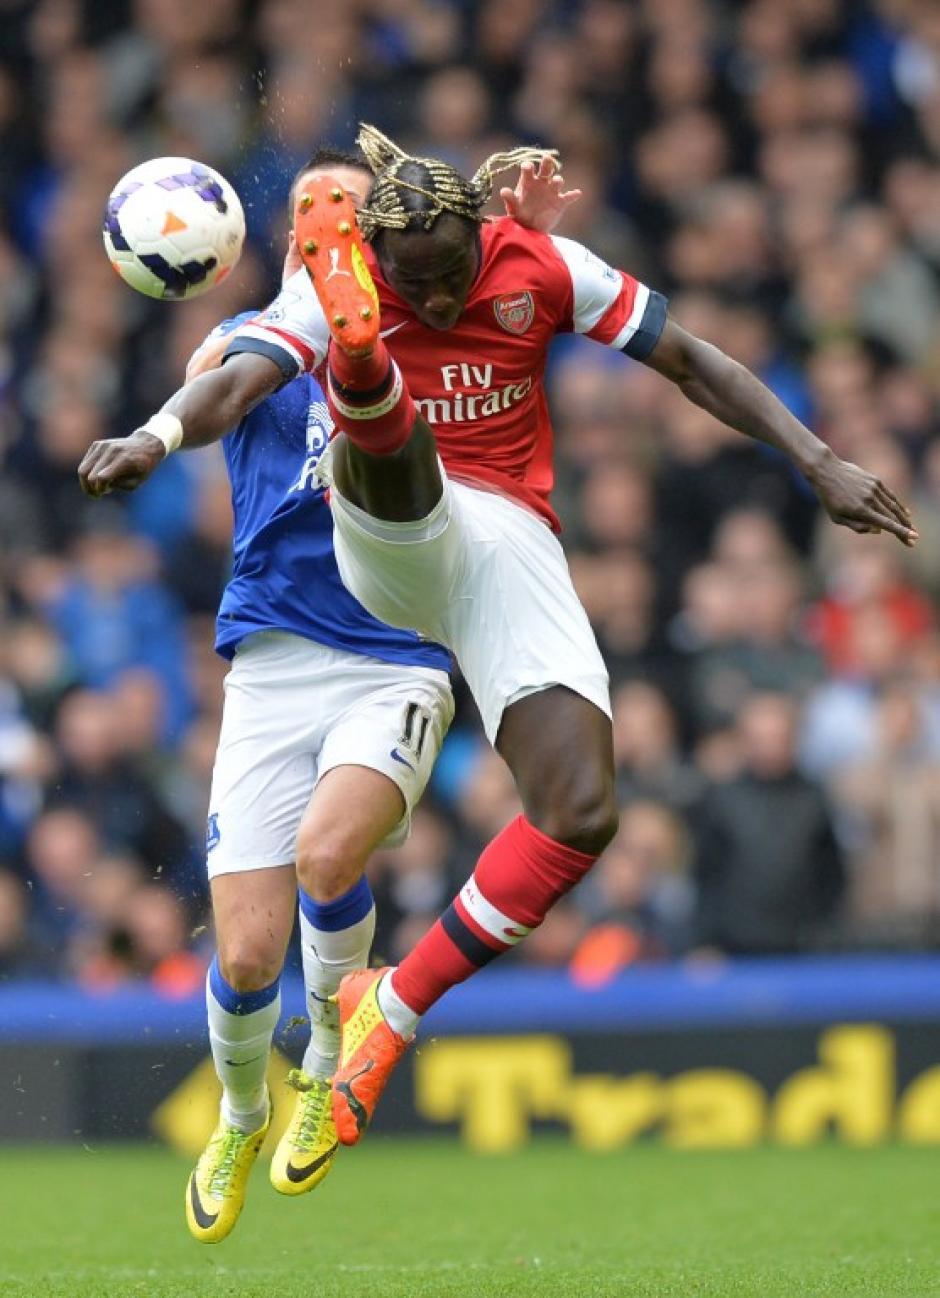 El Arsenal cayó 3-0 en el campo del Everton. (Foto: AFP)